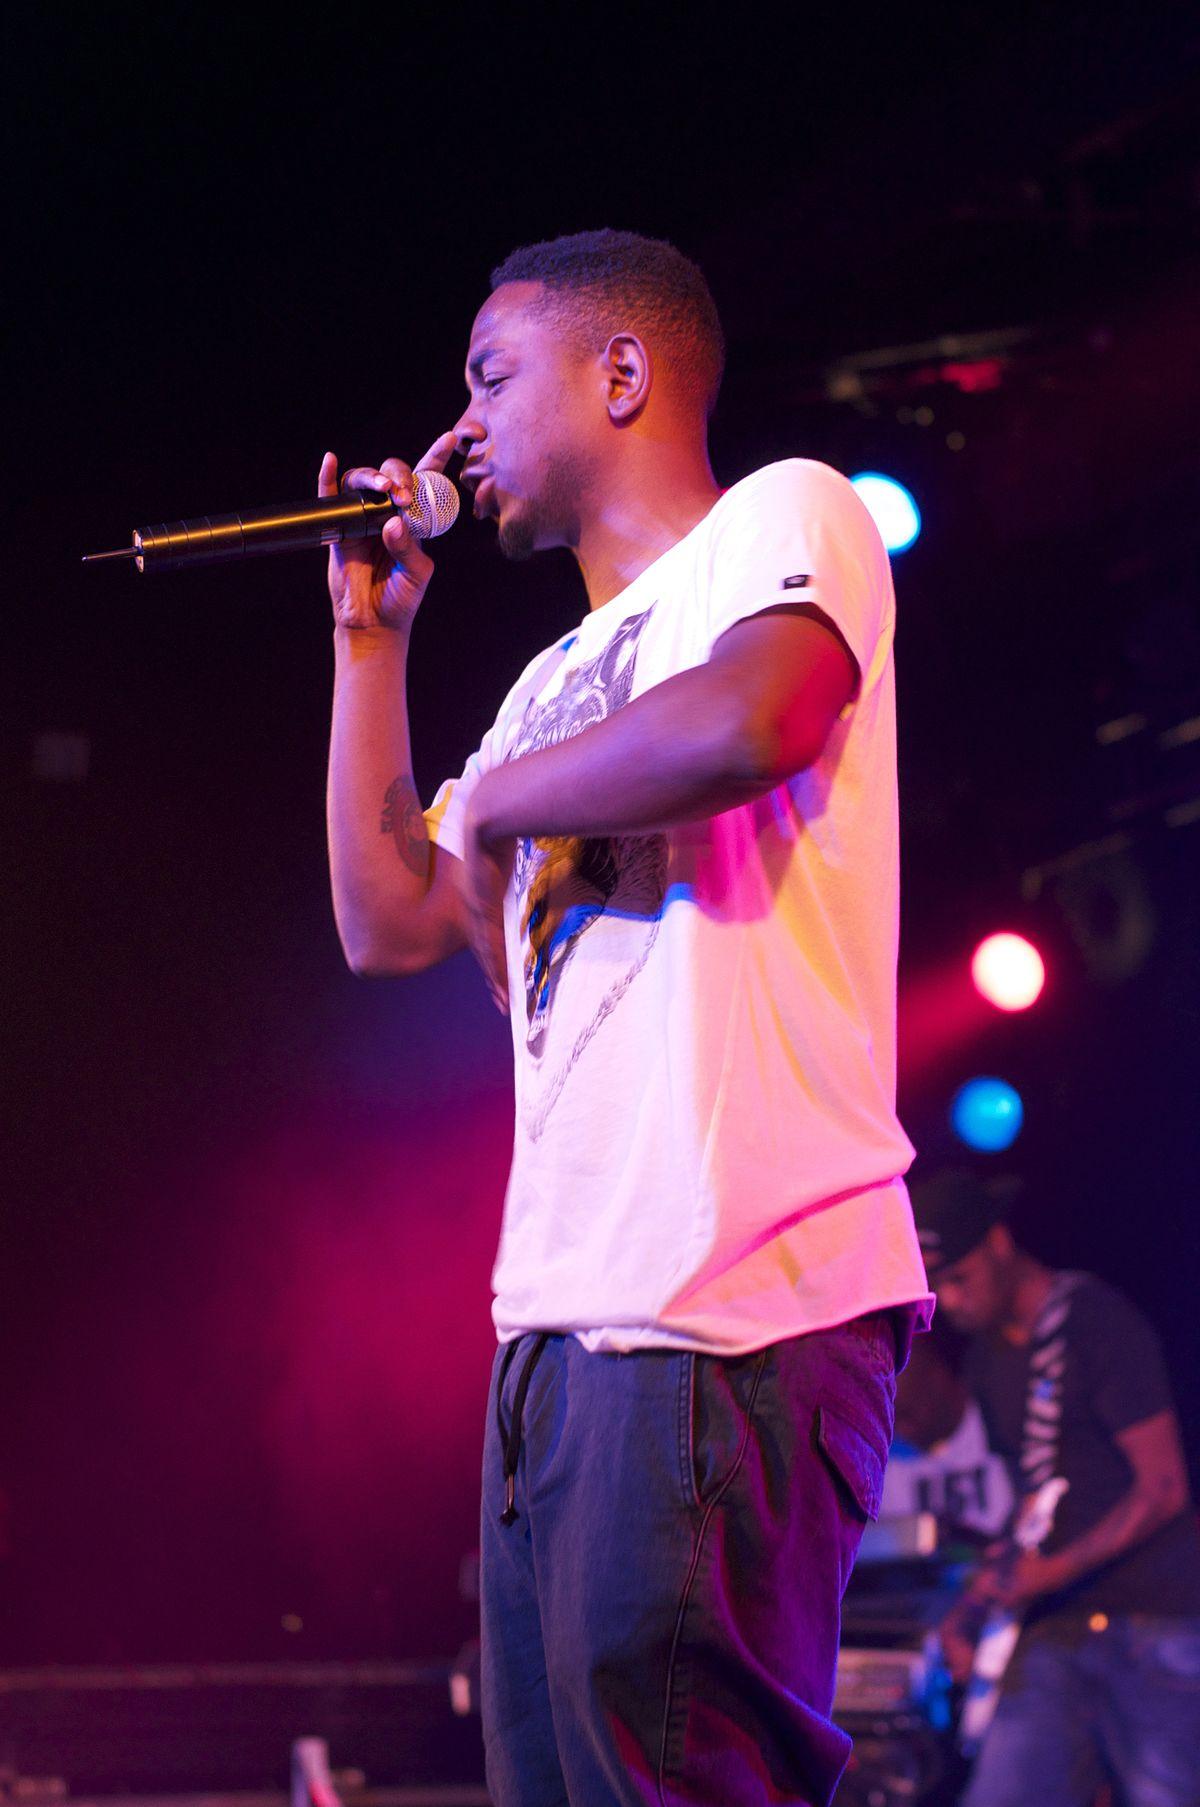 Kendrick lamar wikip dia a enciclop dia livre - Kendrick lamar swimming pools torrent ...